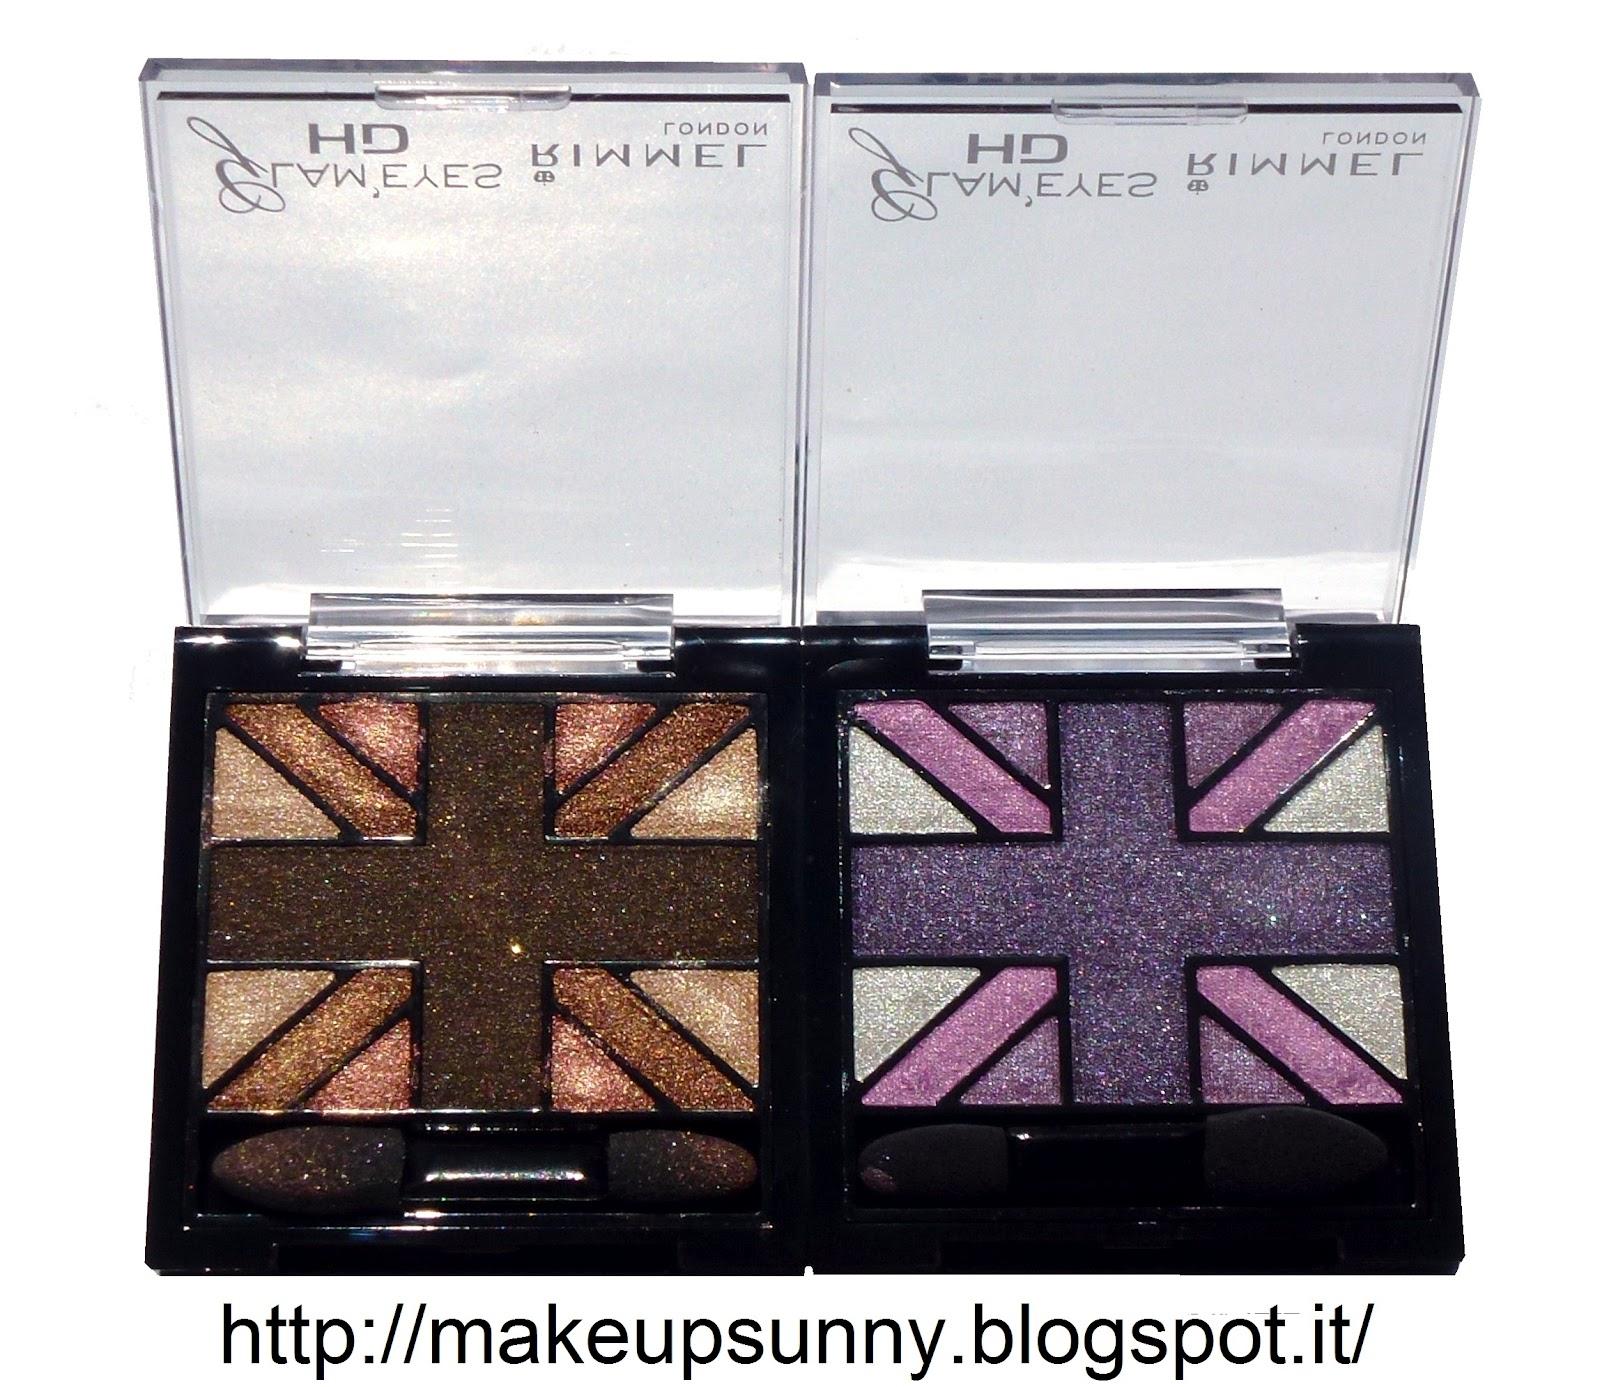 http://1.bp.blogspot.com/-95o6b4B6es4/T4QUBHE6vVI/AAAAAAAADD4/ioSJNQrK7bU/s1600/rimmel+london+kate+moss+collection+glam+eyes+hd+union+jack+palette+ombretti+eyeshadow+02+english+oak+06+purple+reign.jpg